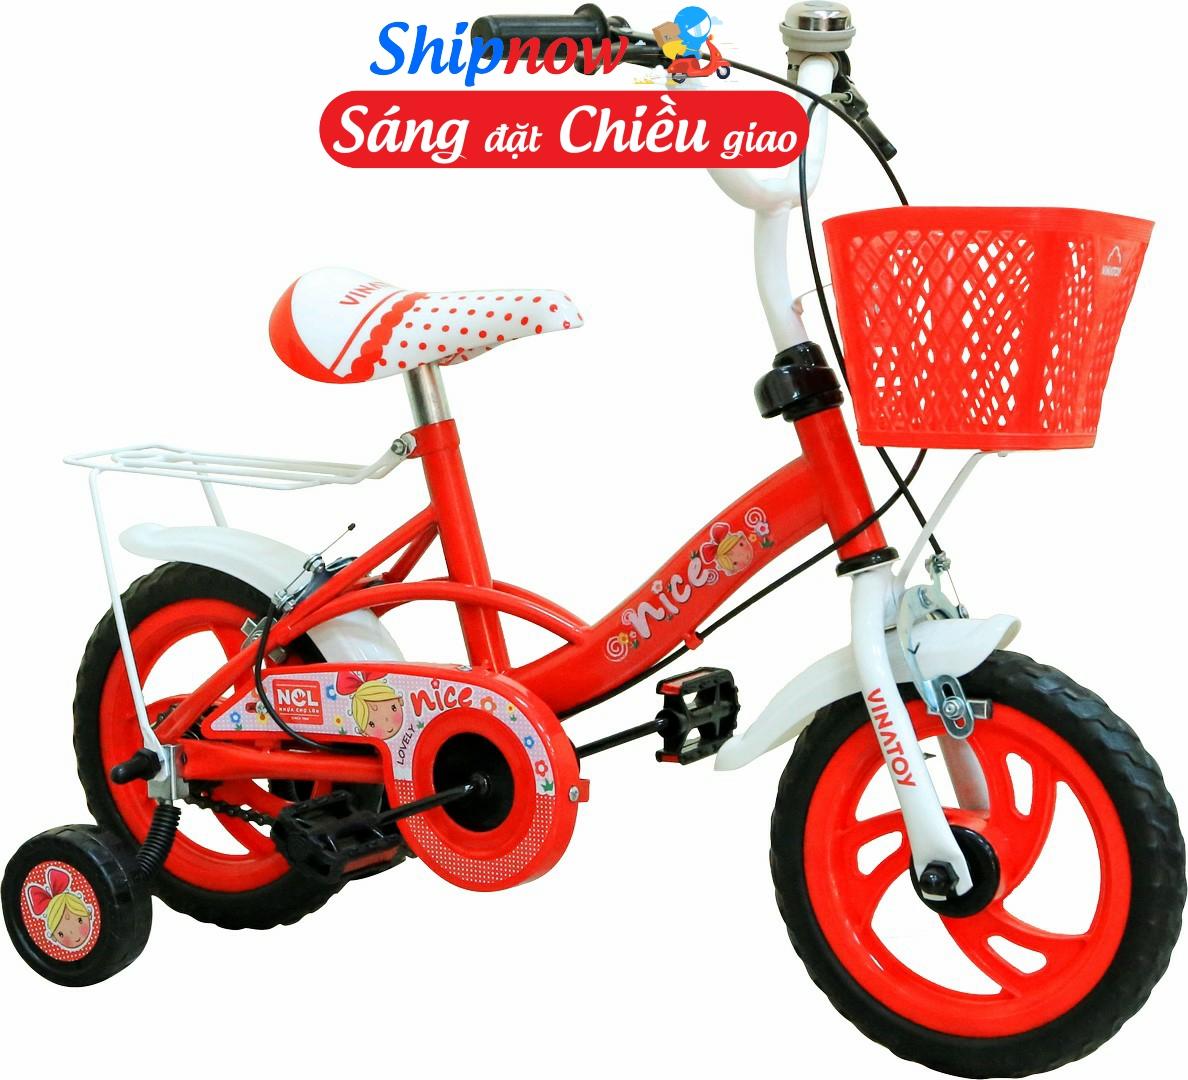 Giá bán Xe đạp trẻ em Nhựa Chợ Lớn 12 inch K104 - M1798-X2B